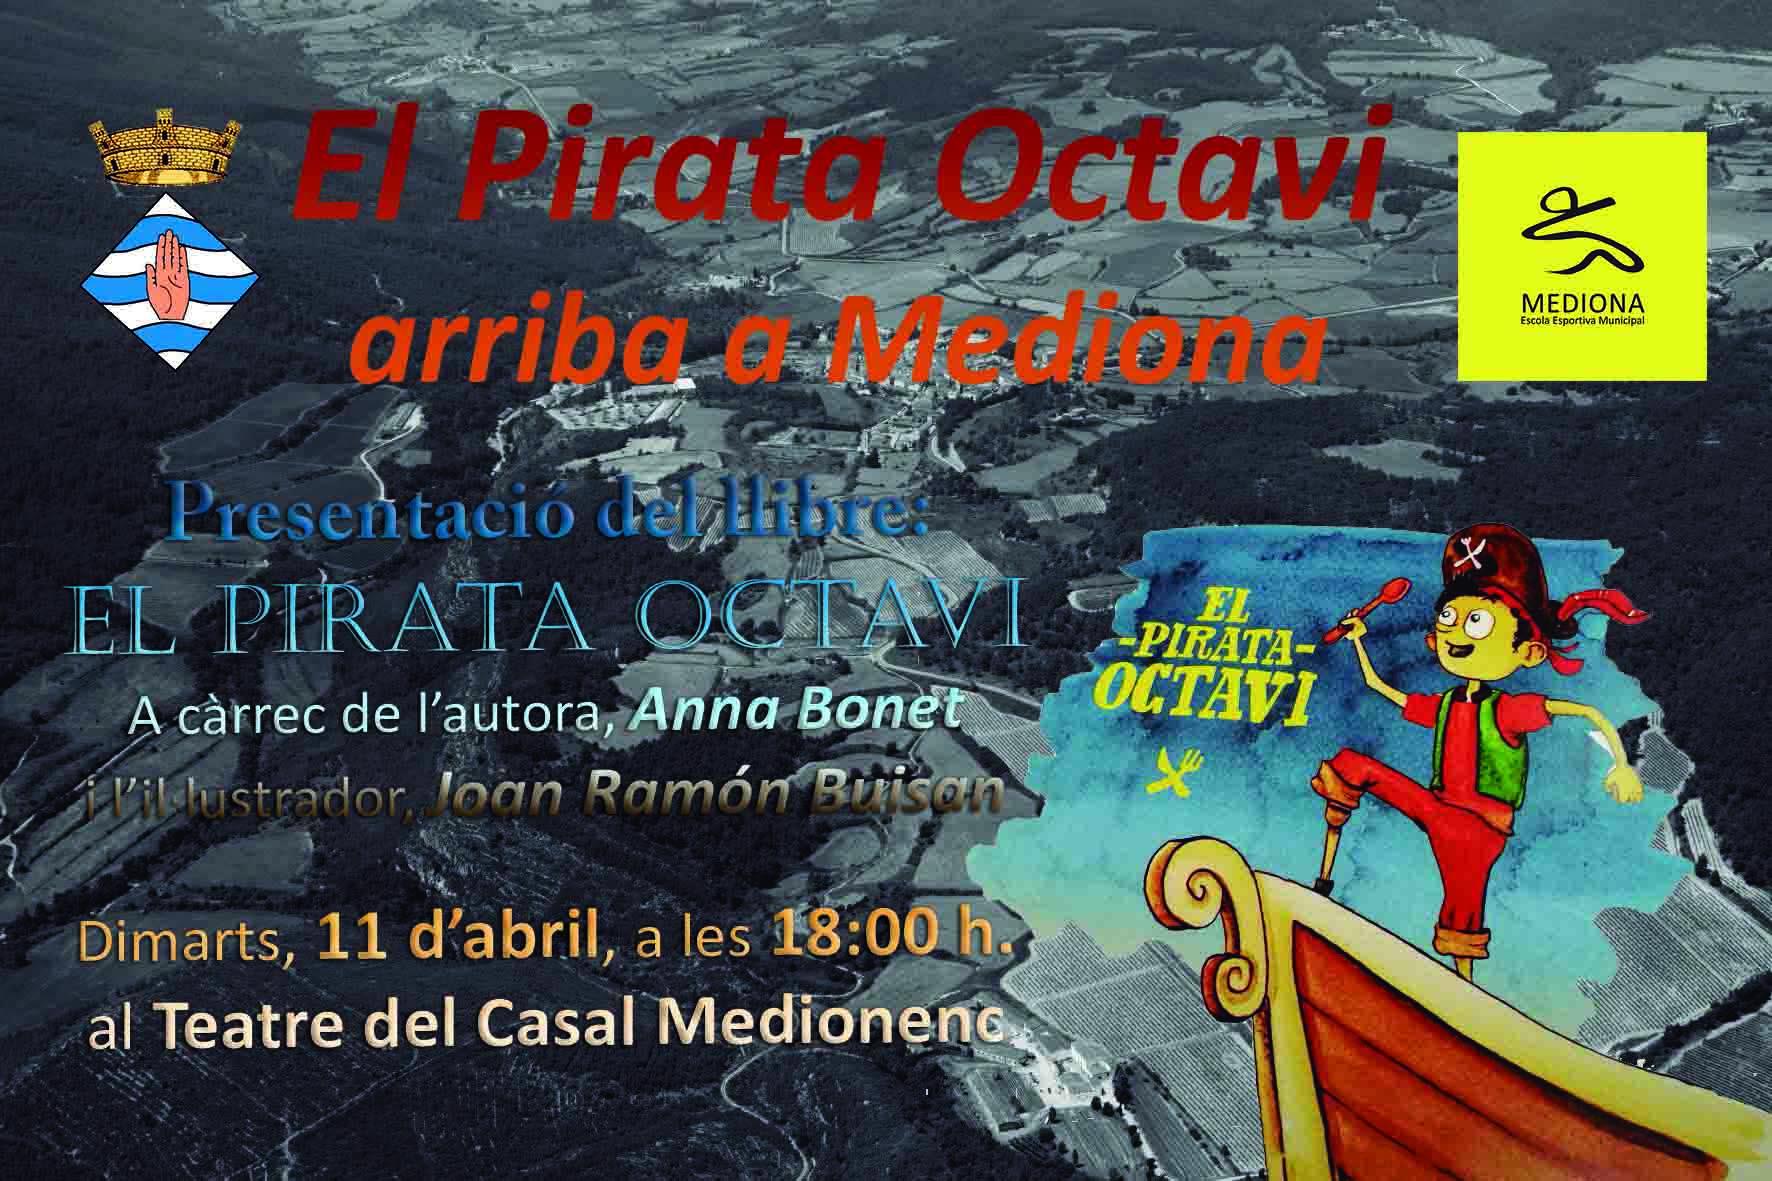 el-pirata-octavi-mediona